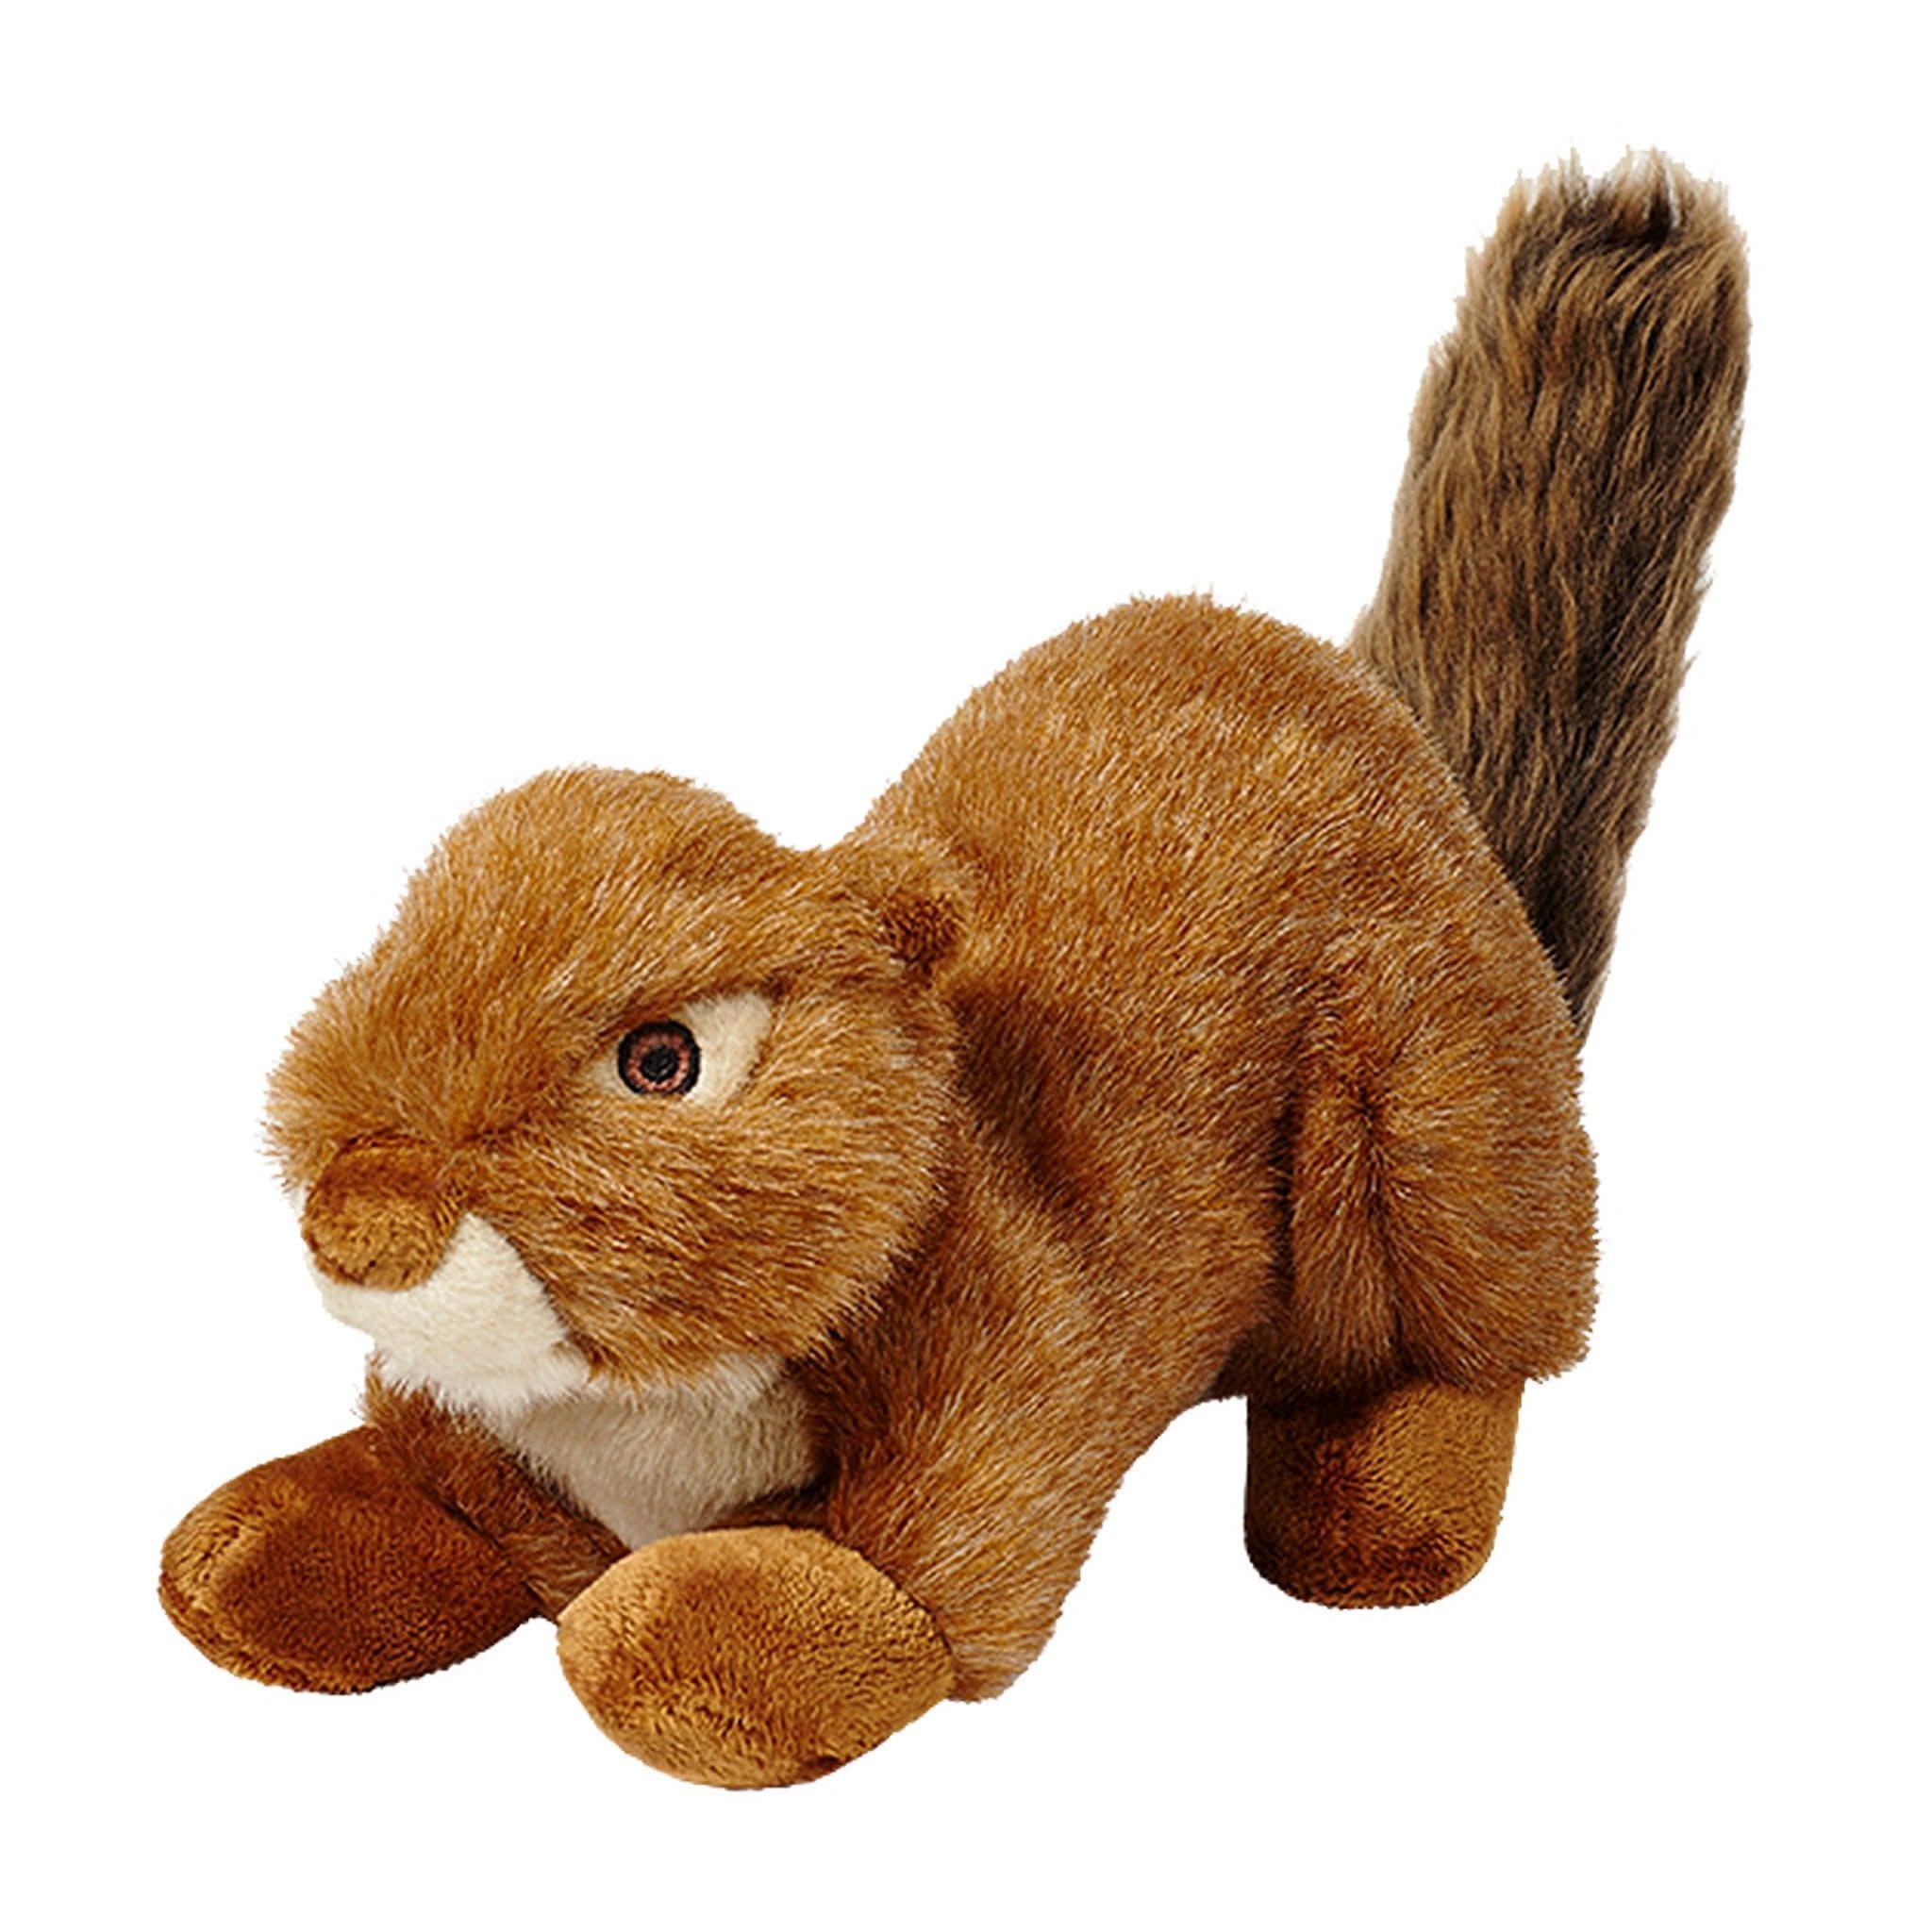 Fluff & Tuff Inc Fluff & Tuff Red Squirrel